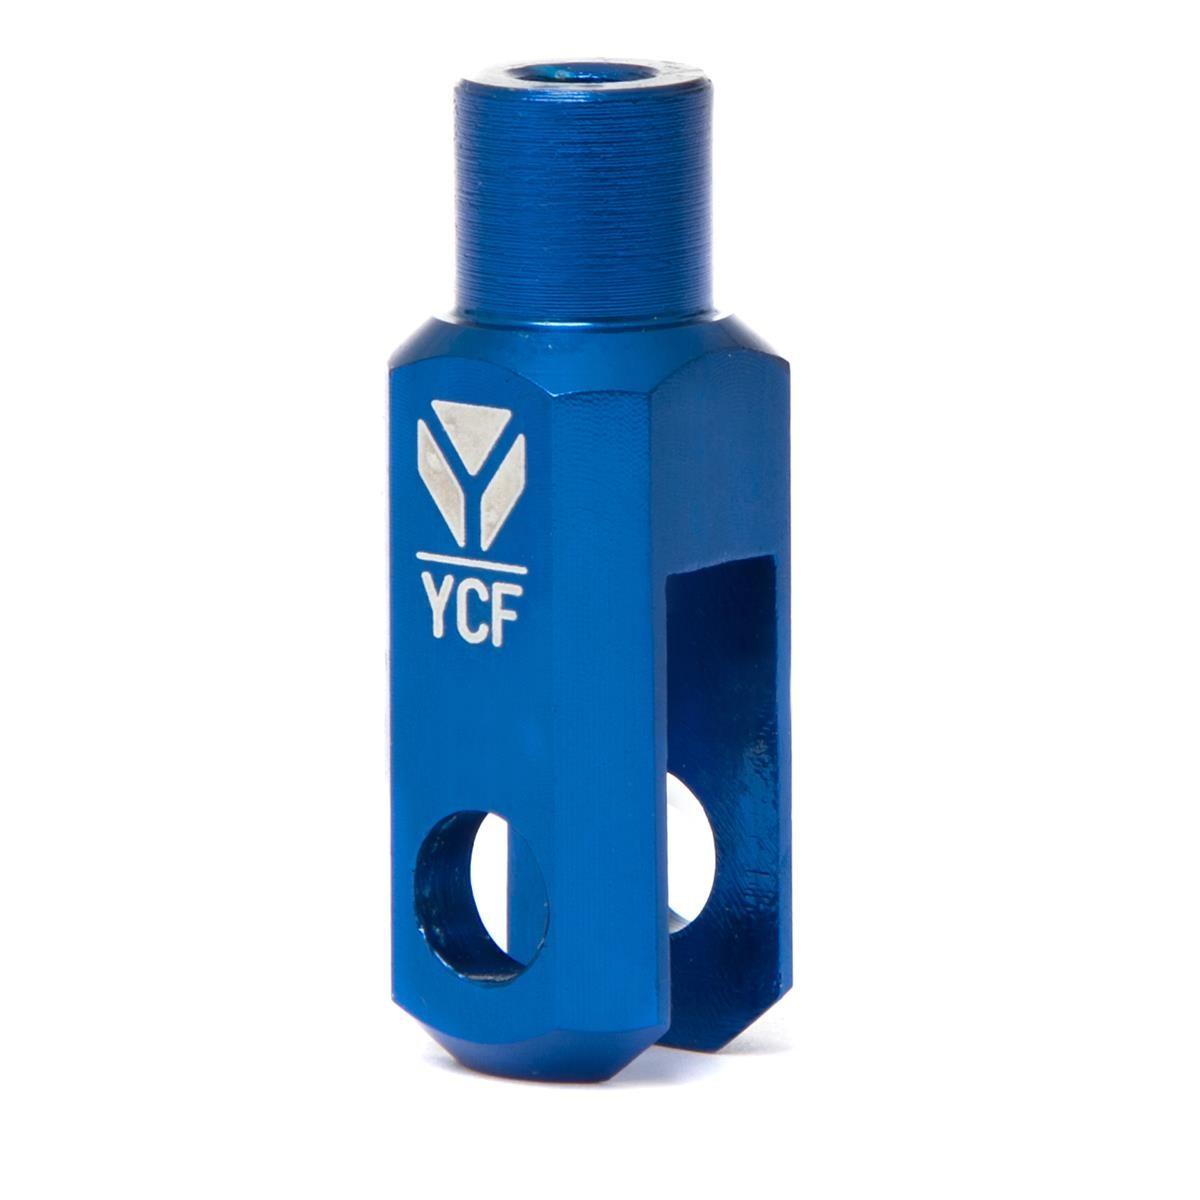 YCF Hinterradbremsen Einsteller  Blau